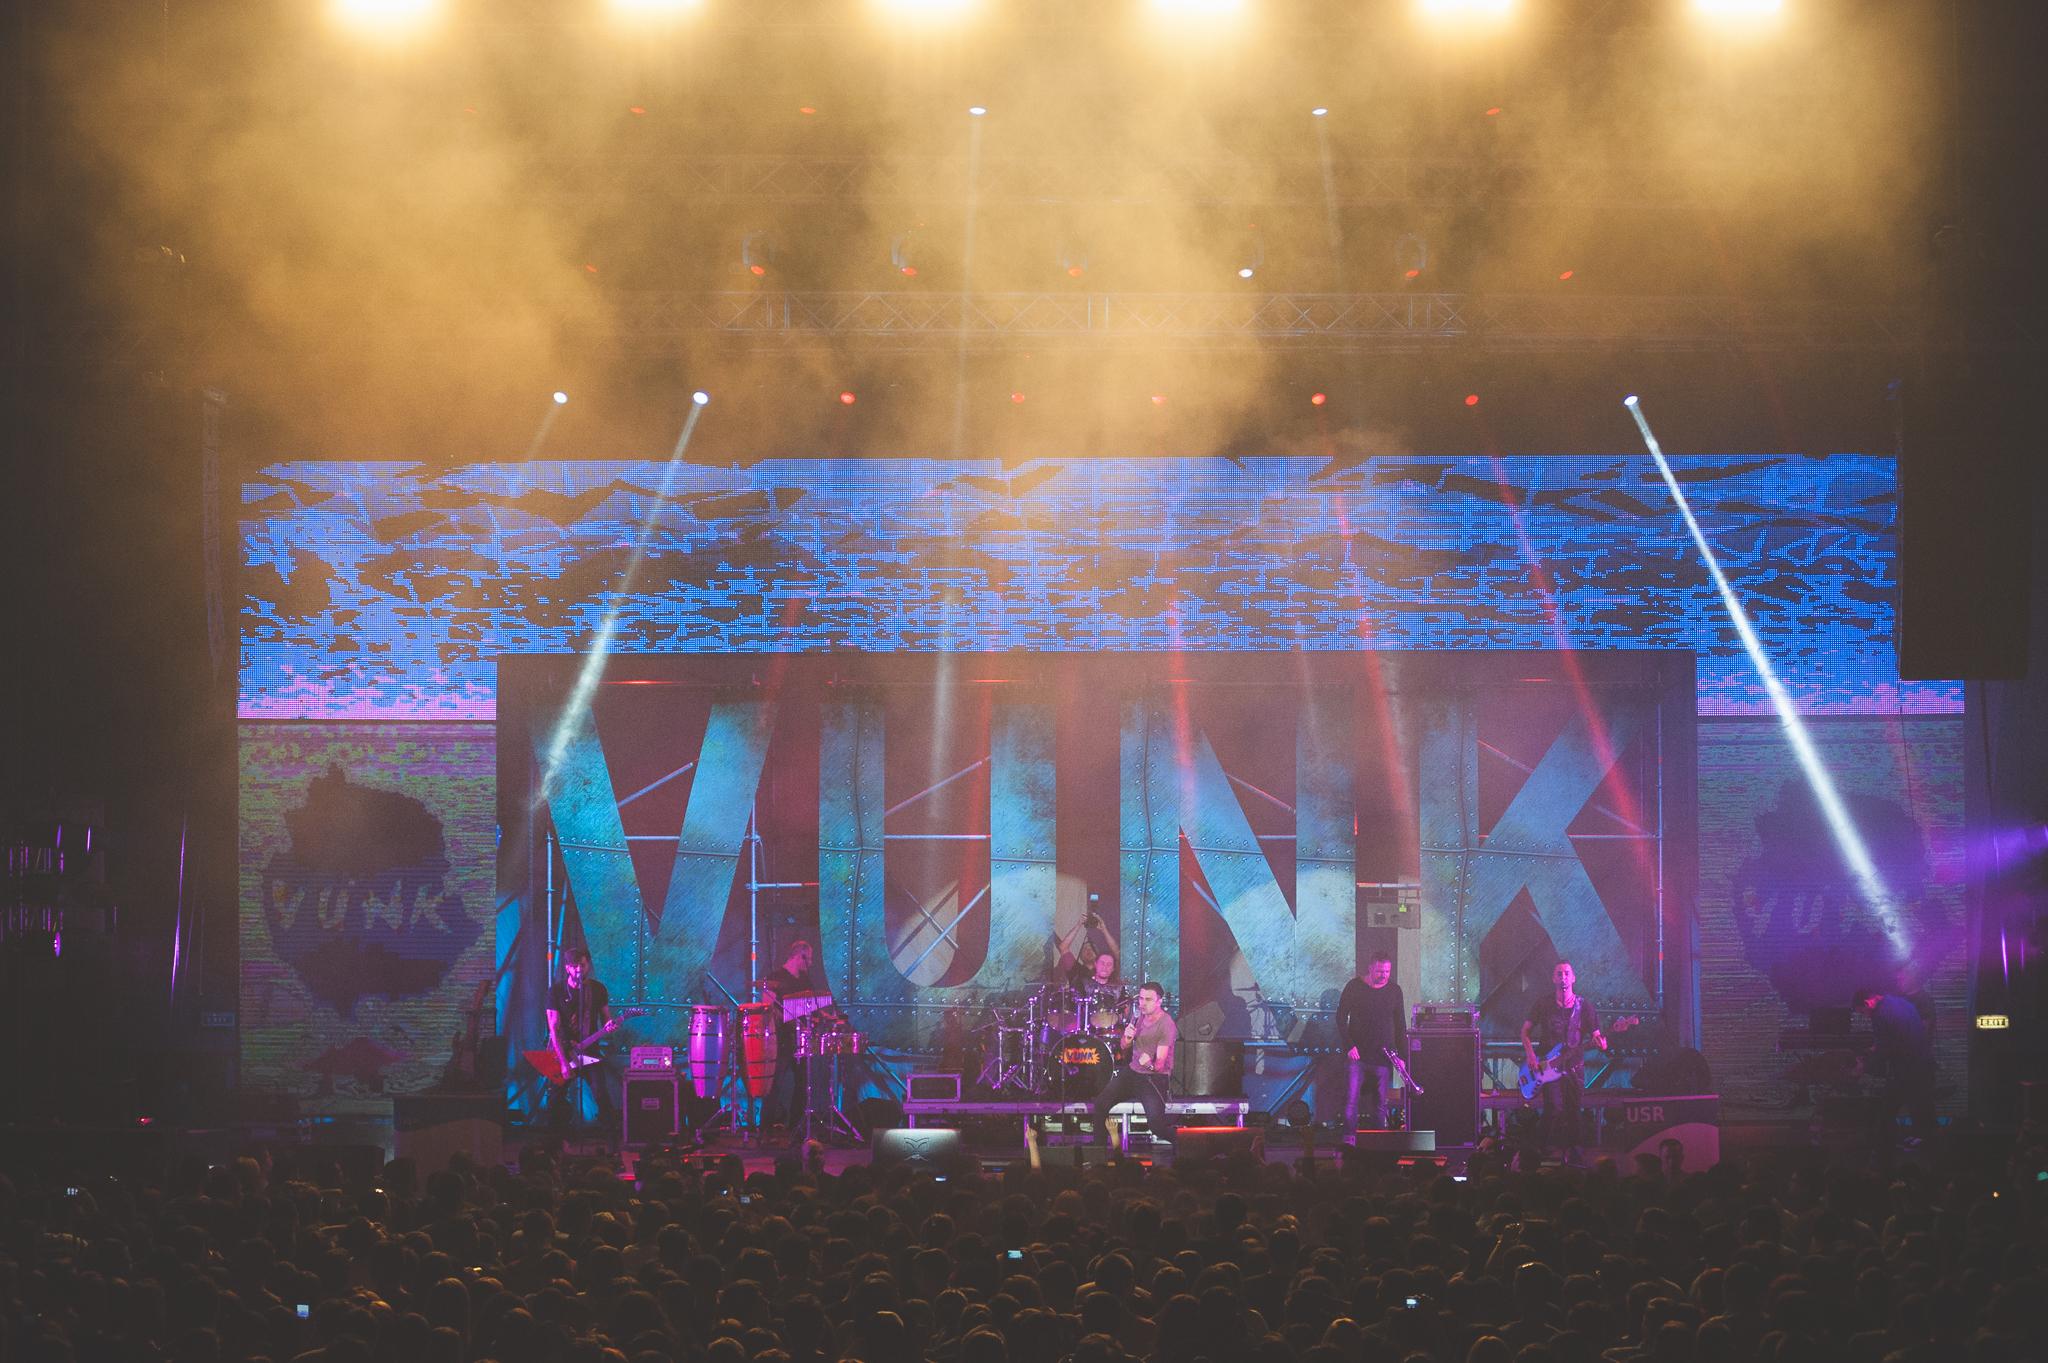 concert-vunk-unifest-low-res-33